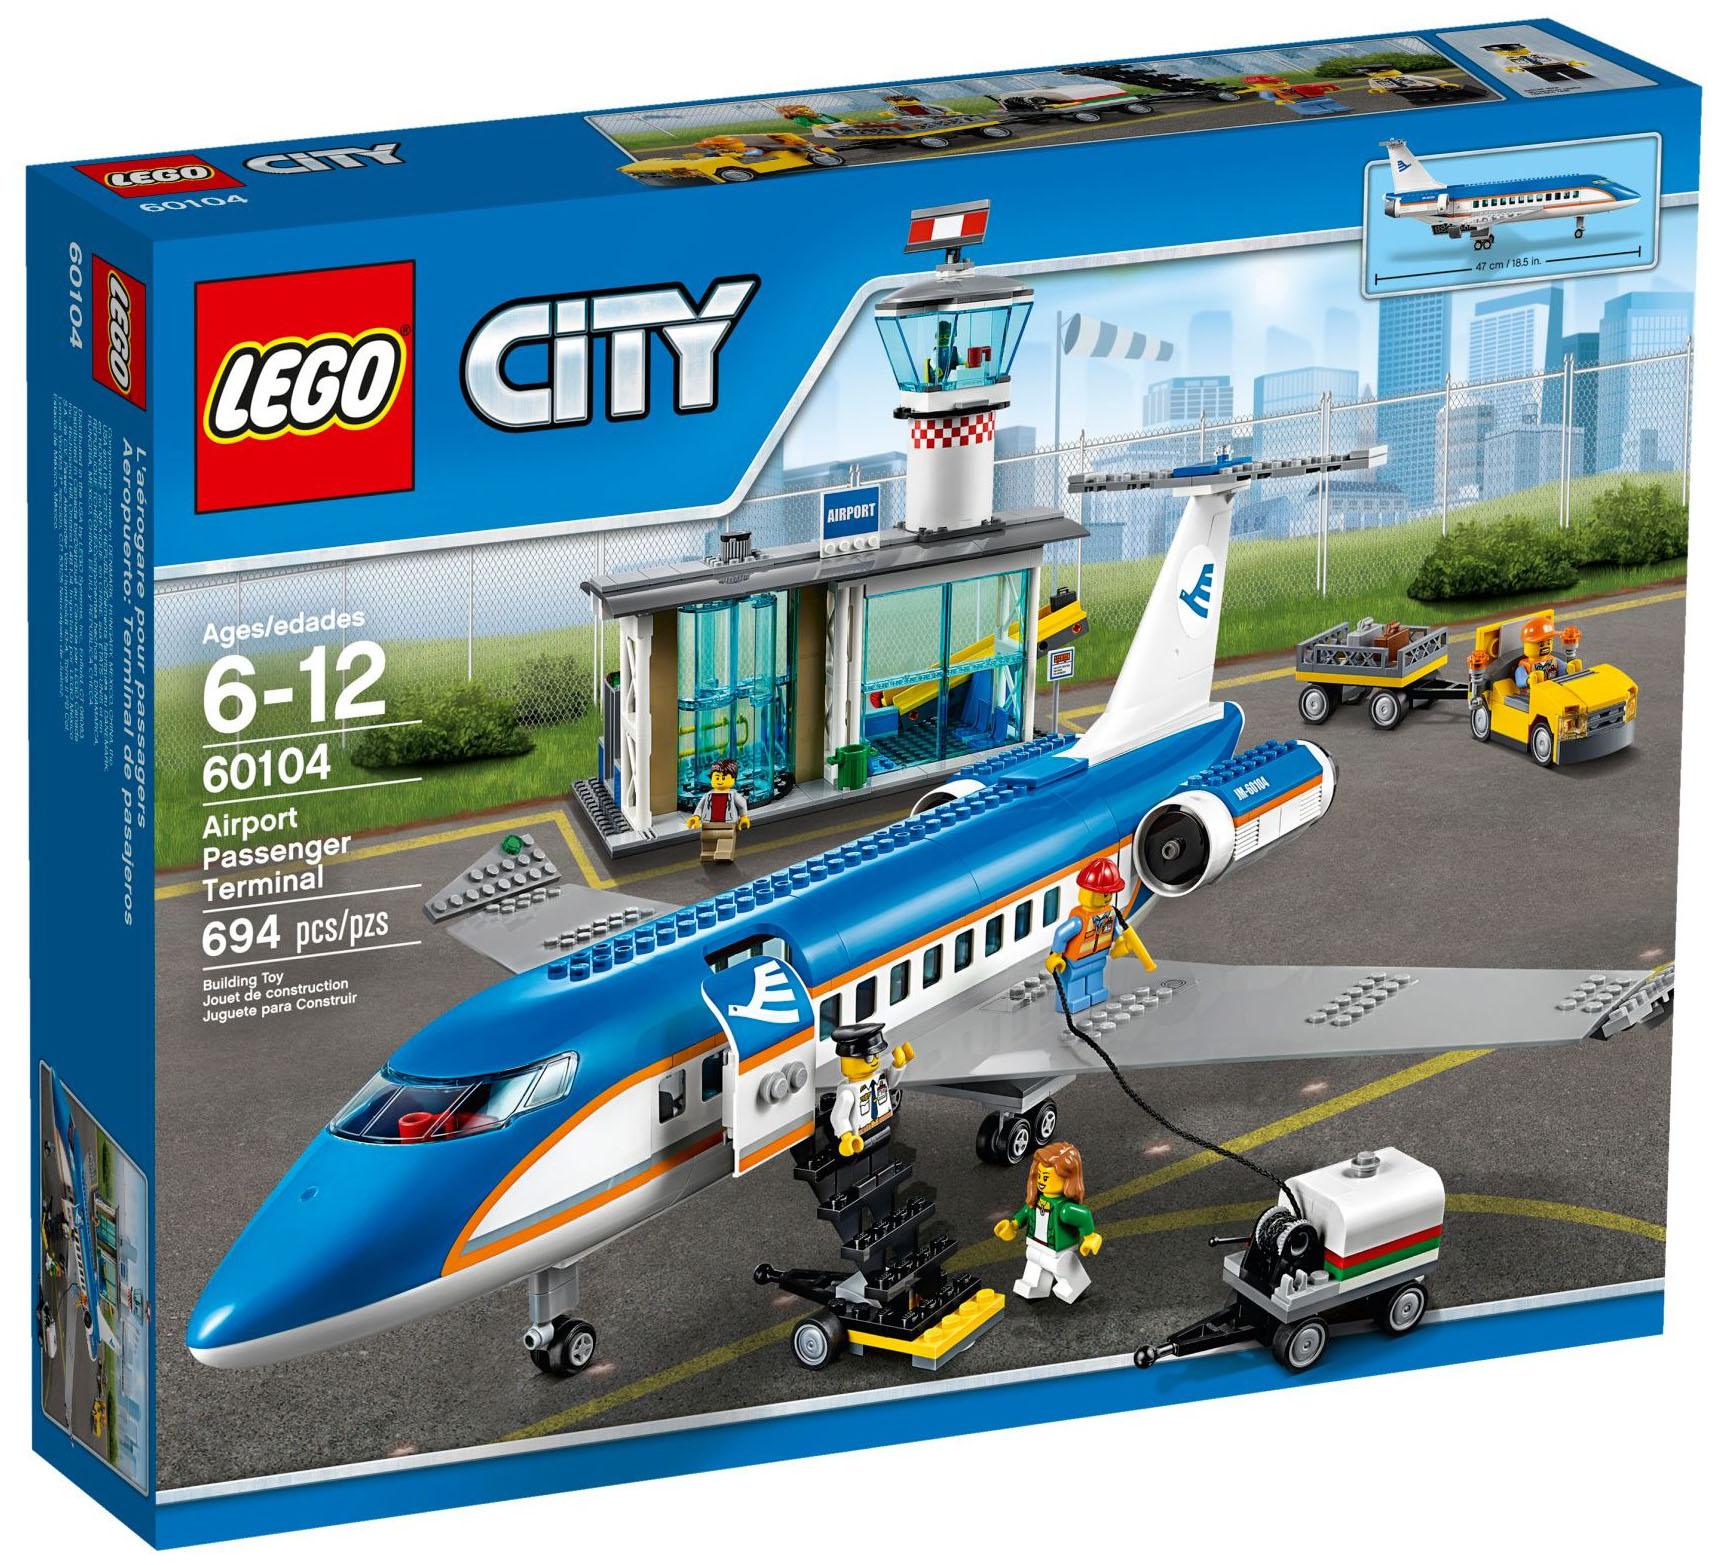 Lego city 60104 pas cher le terminal pour passagers - Image lego city ...